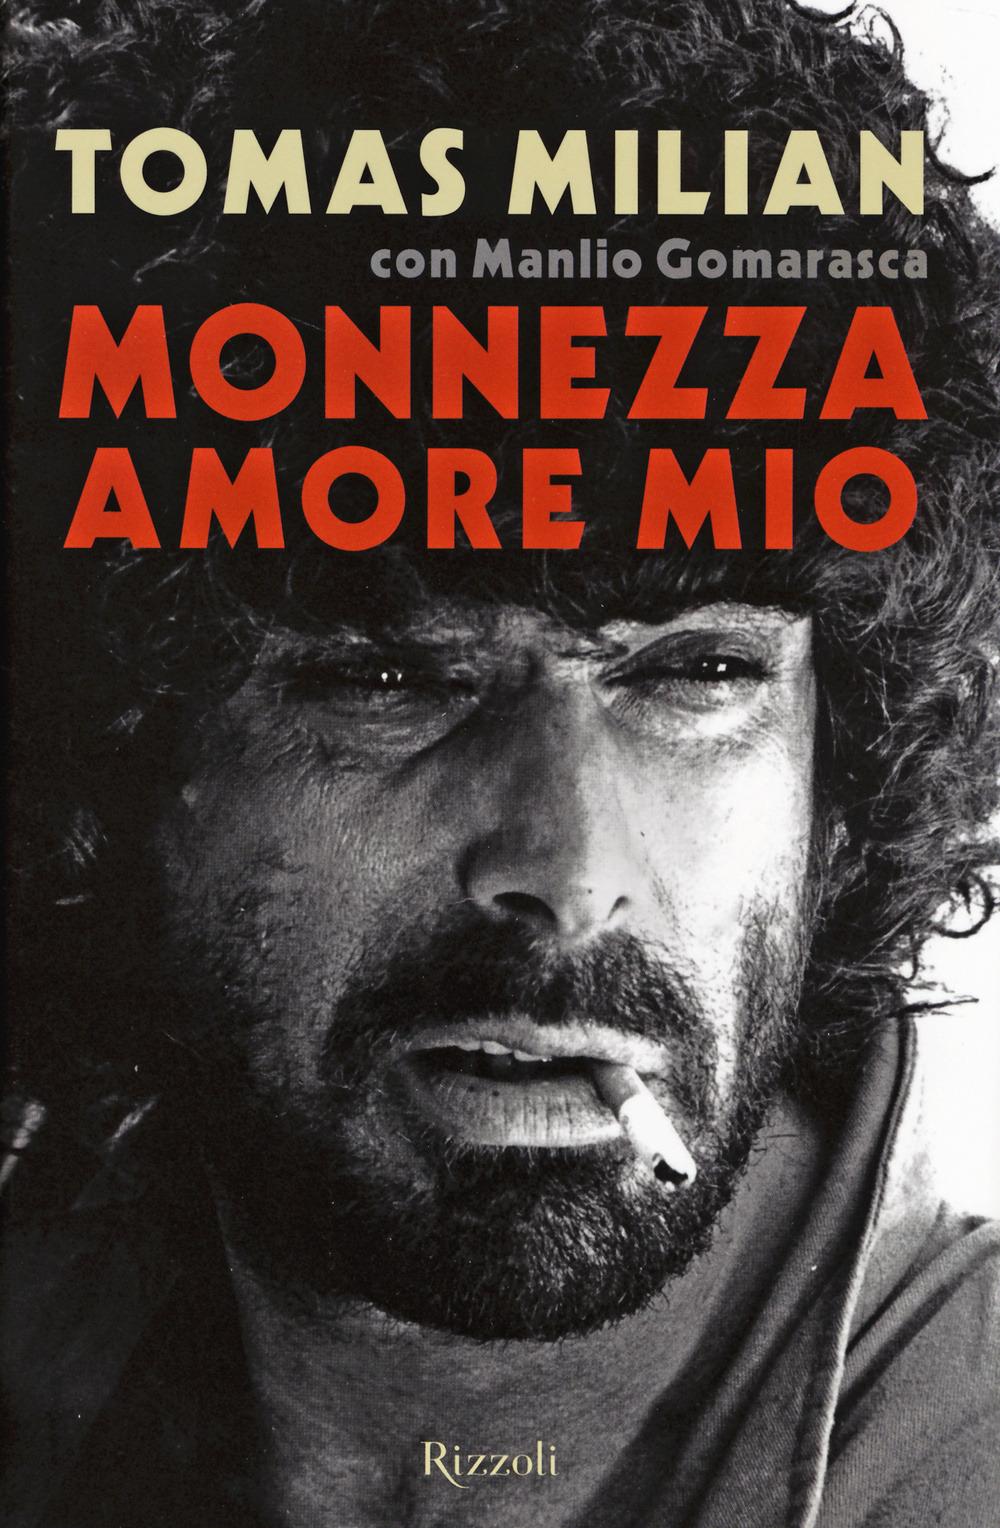 Image of (NUOVO o USATO) Monnezza amore mio